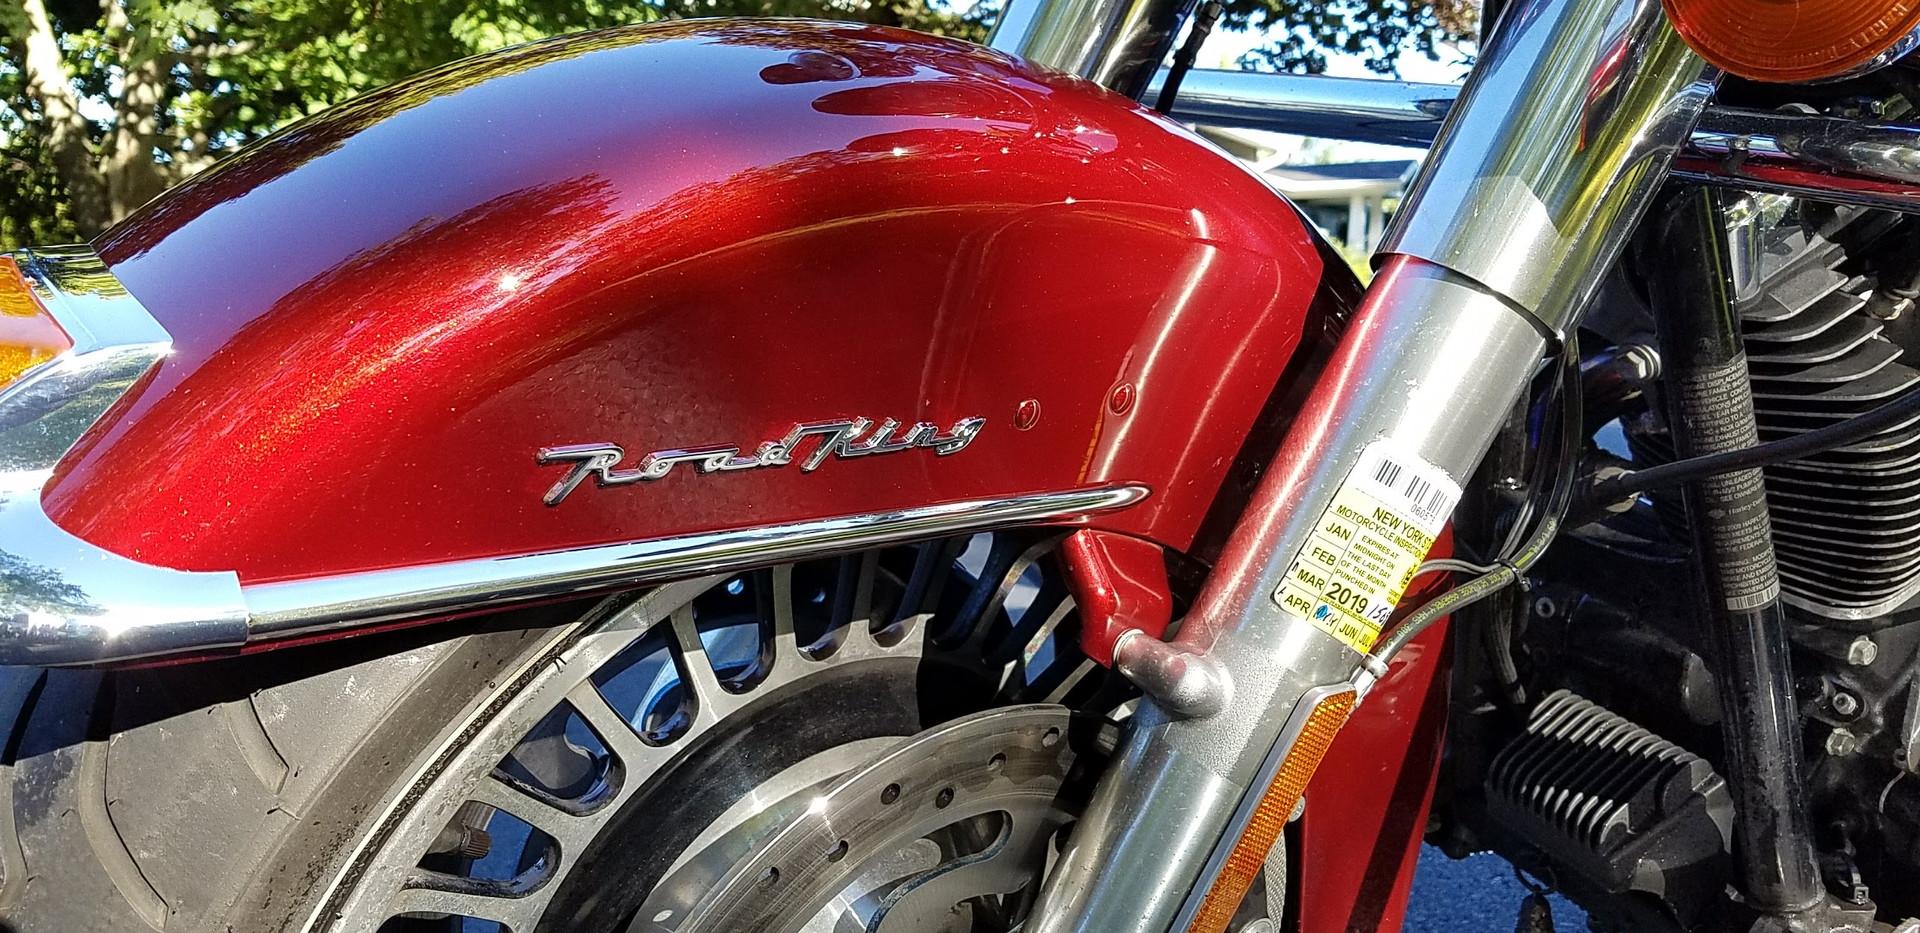 2009_road_king (16).jpg